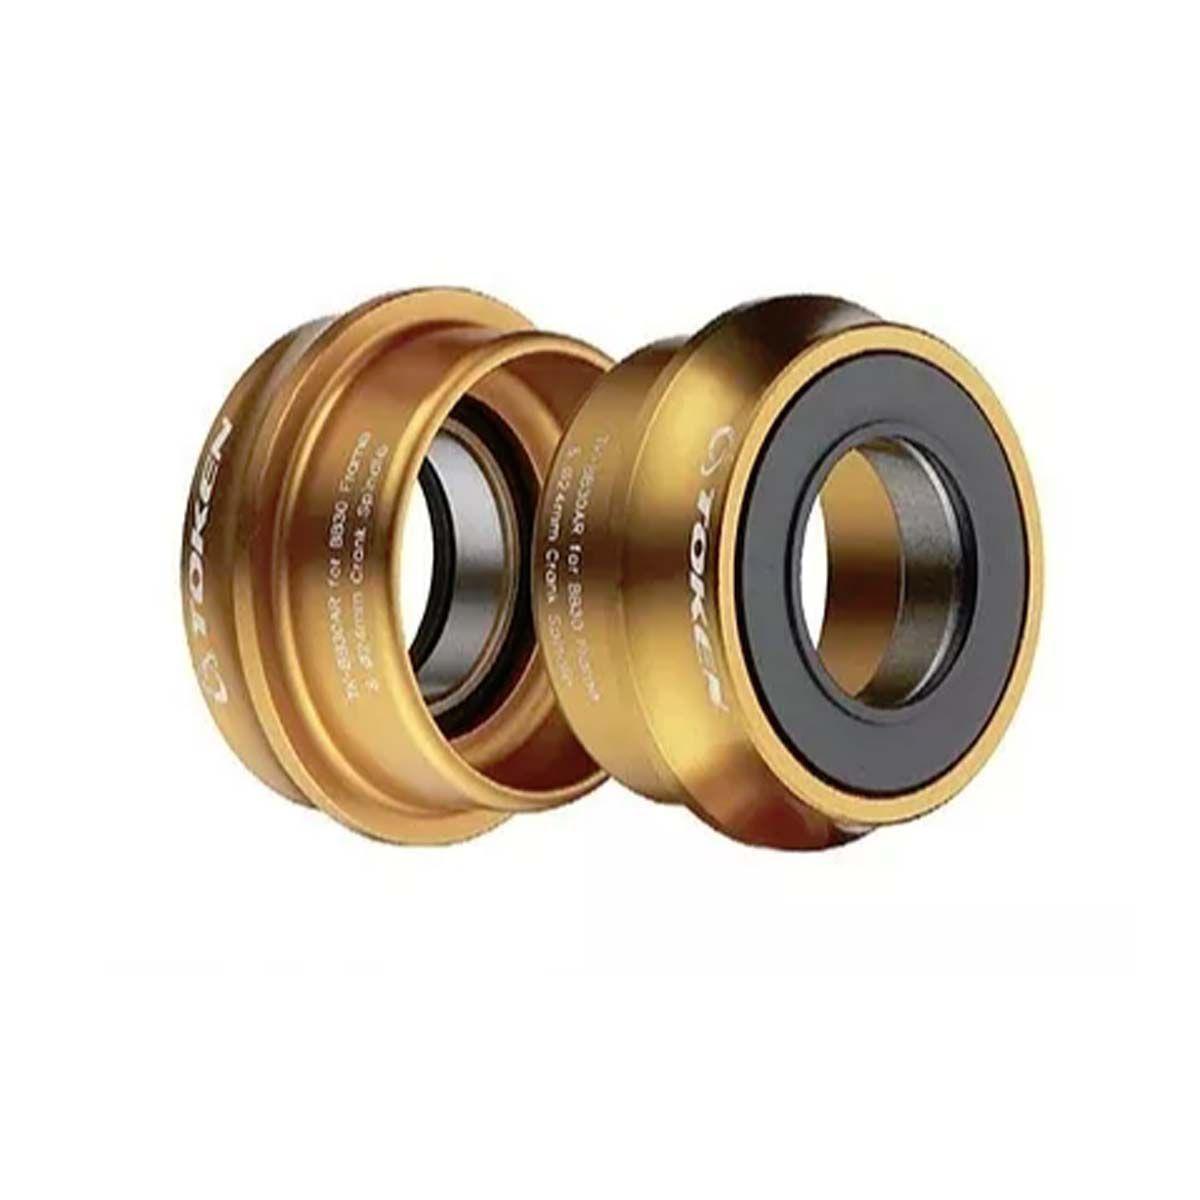 Movimento Central Token Bb30ar Sram / Truvativ 22-24mm Gold